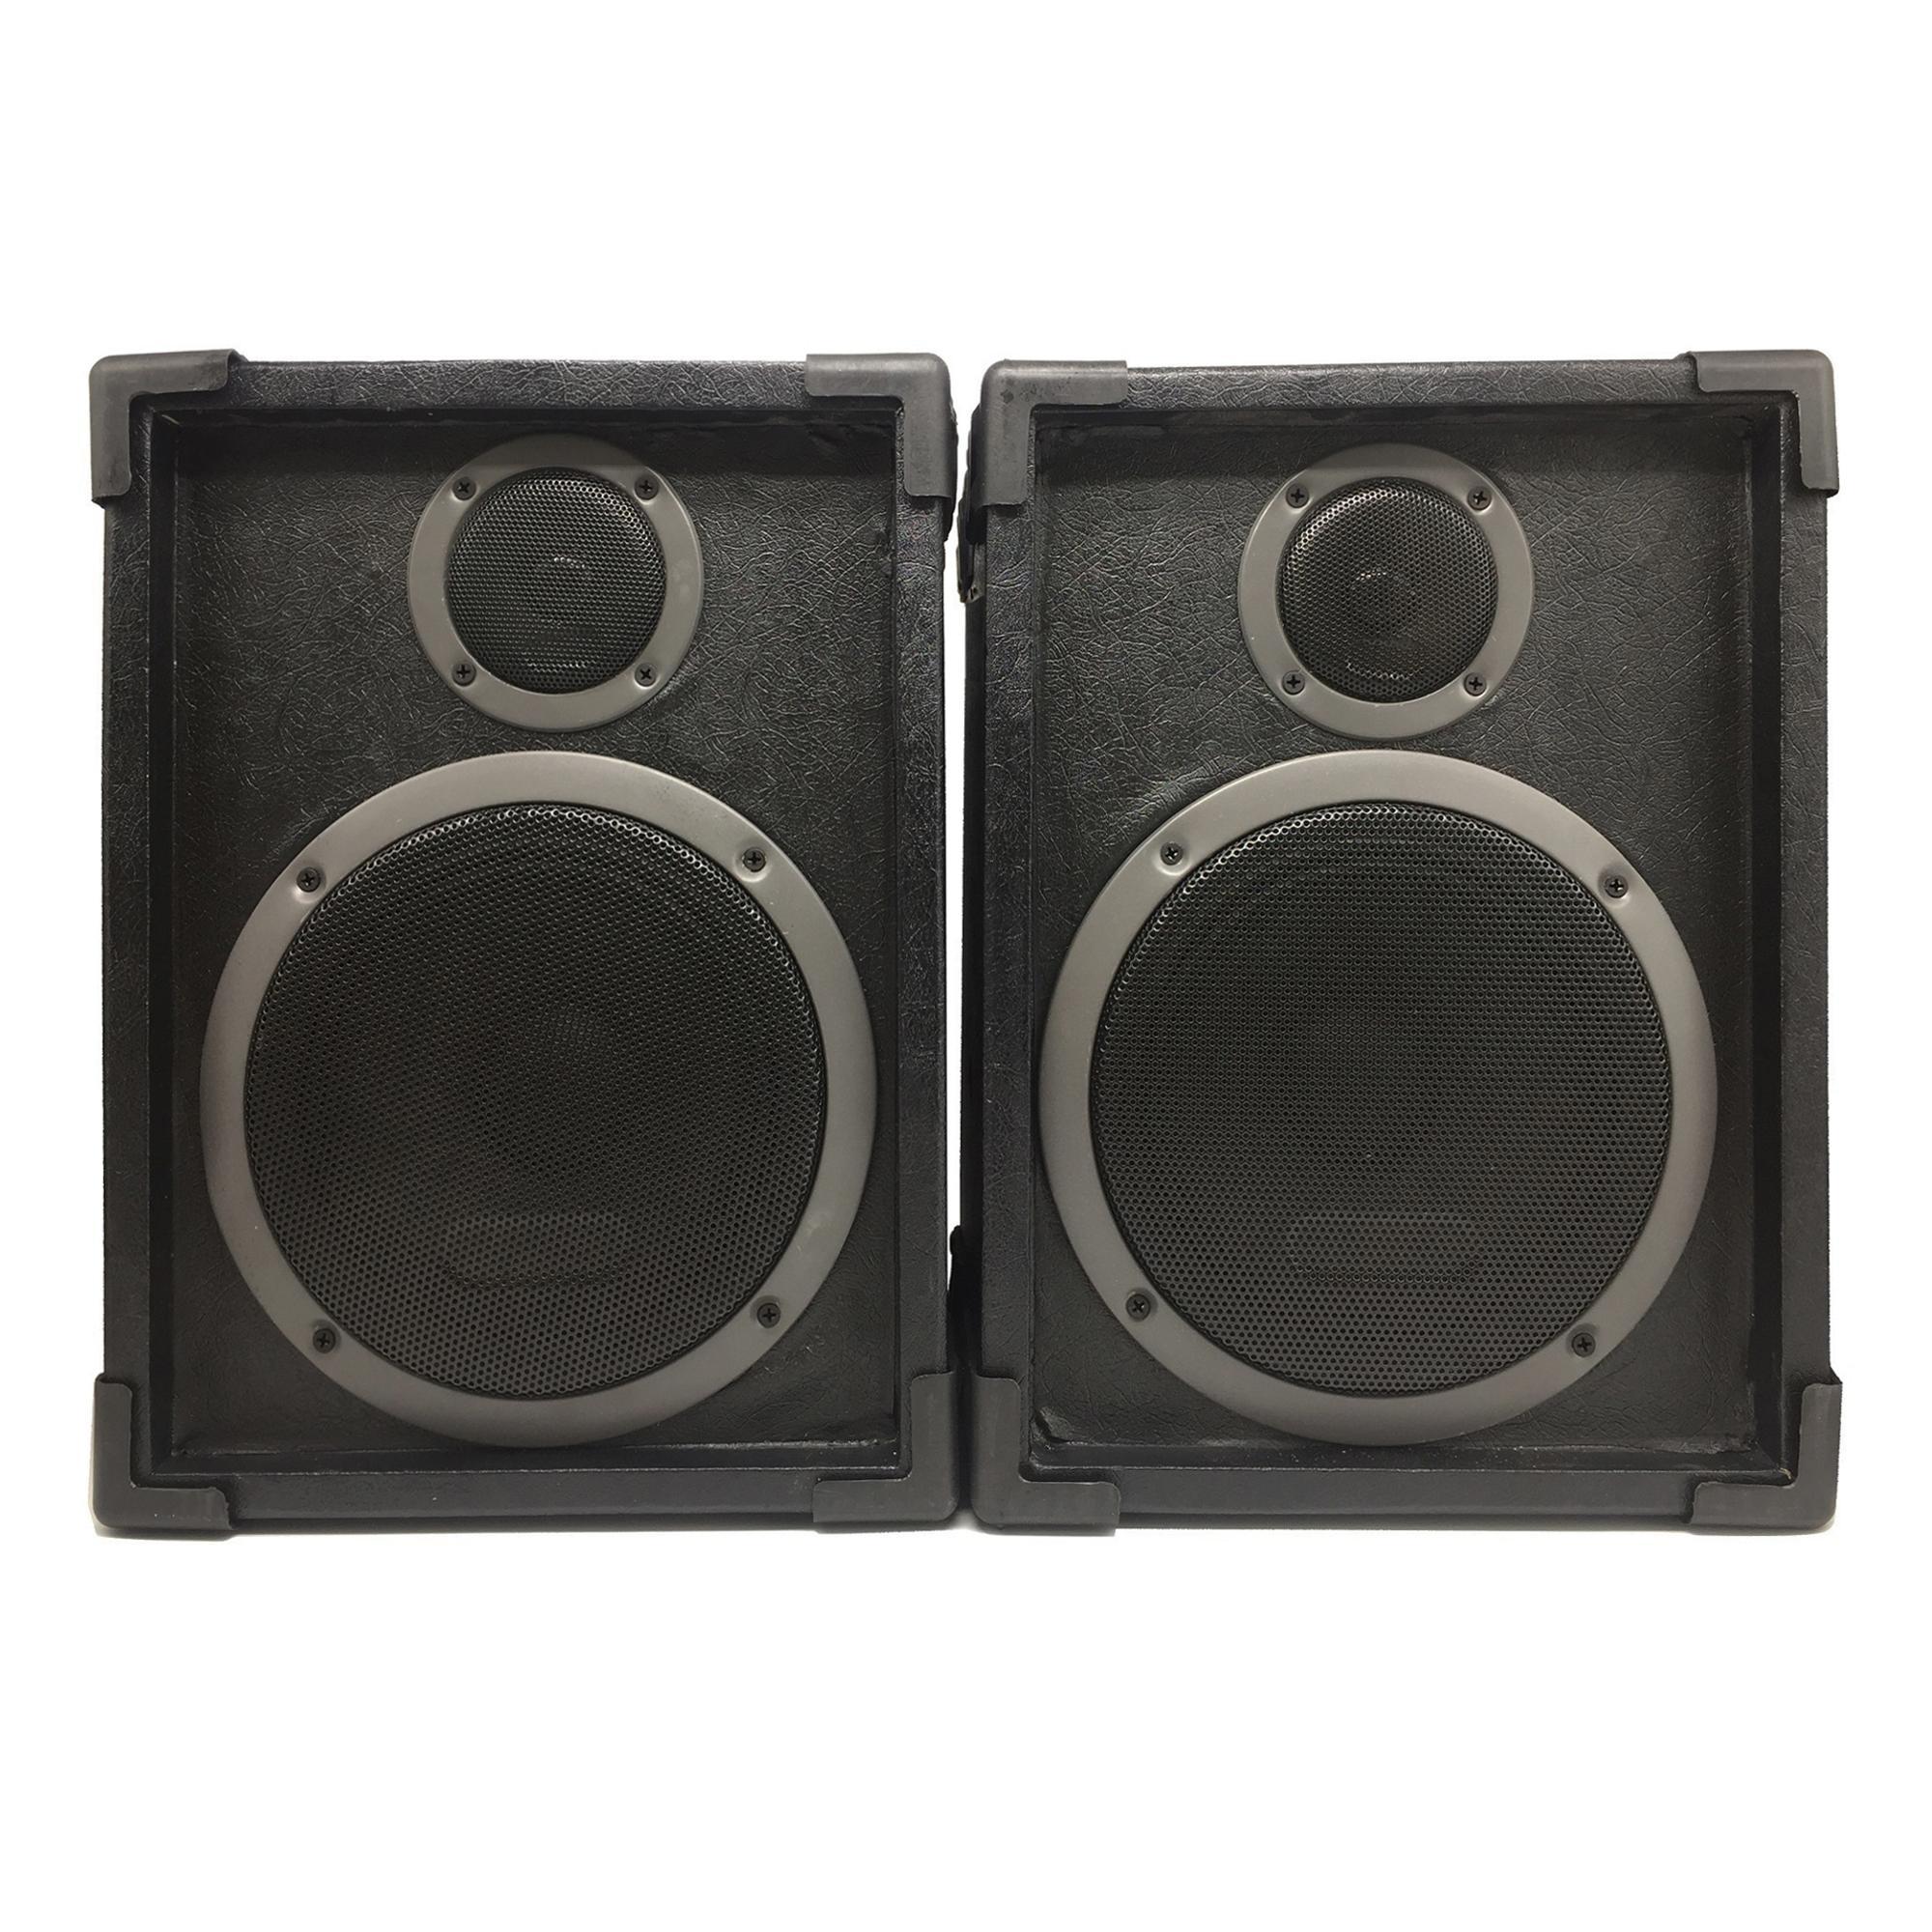 Subwoofer For Sale Subwoofer Speaker Prices Brands Specs In